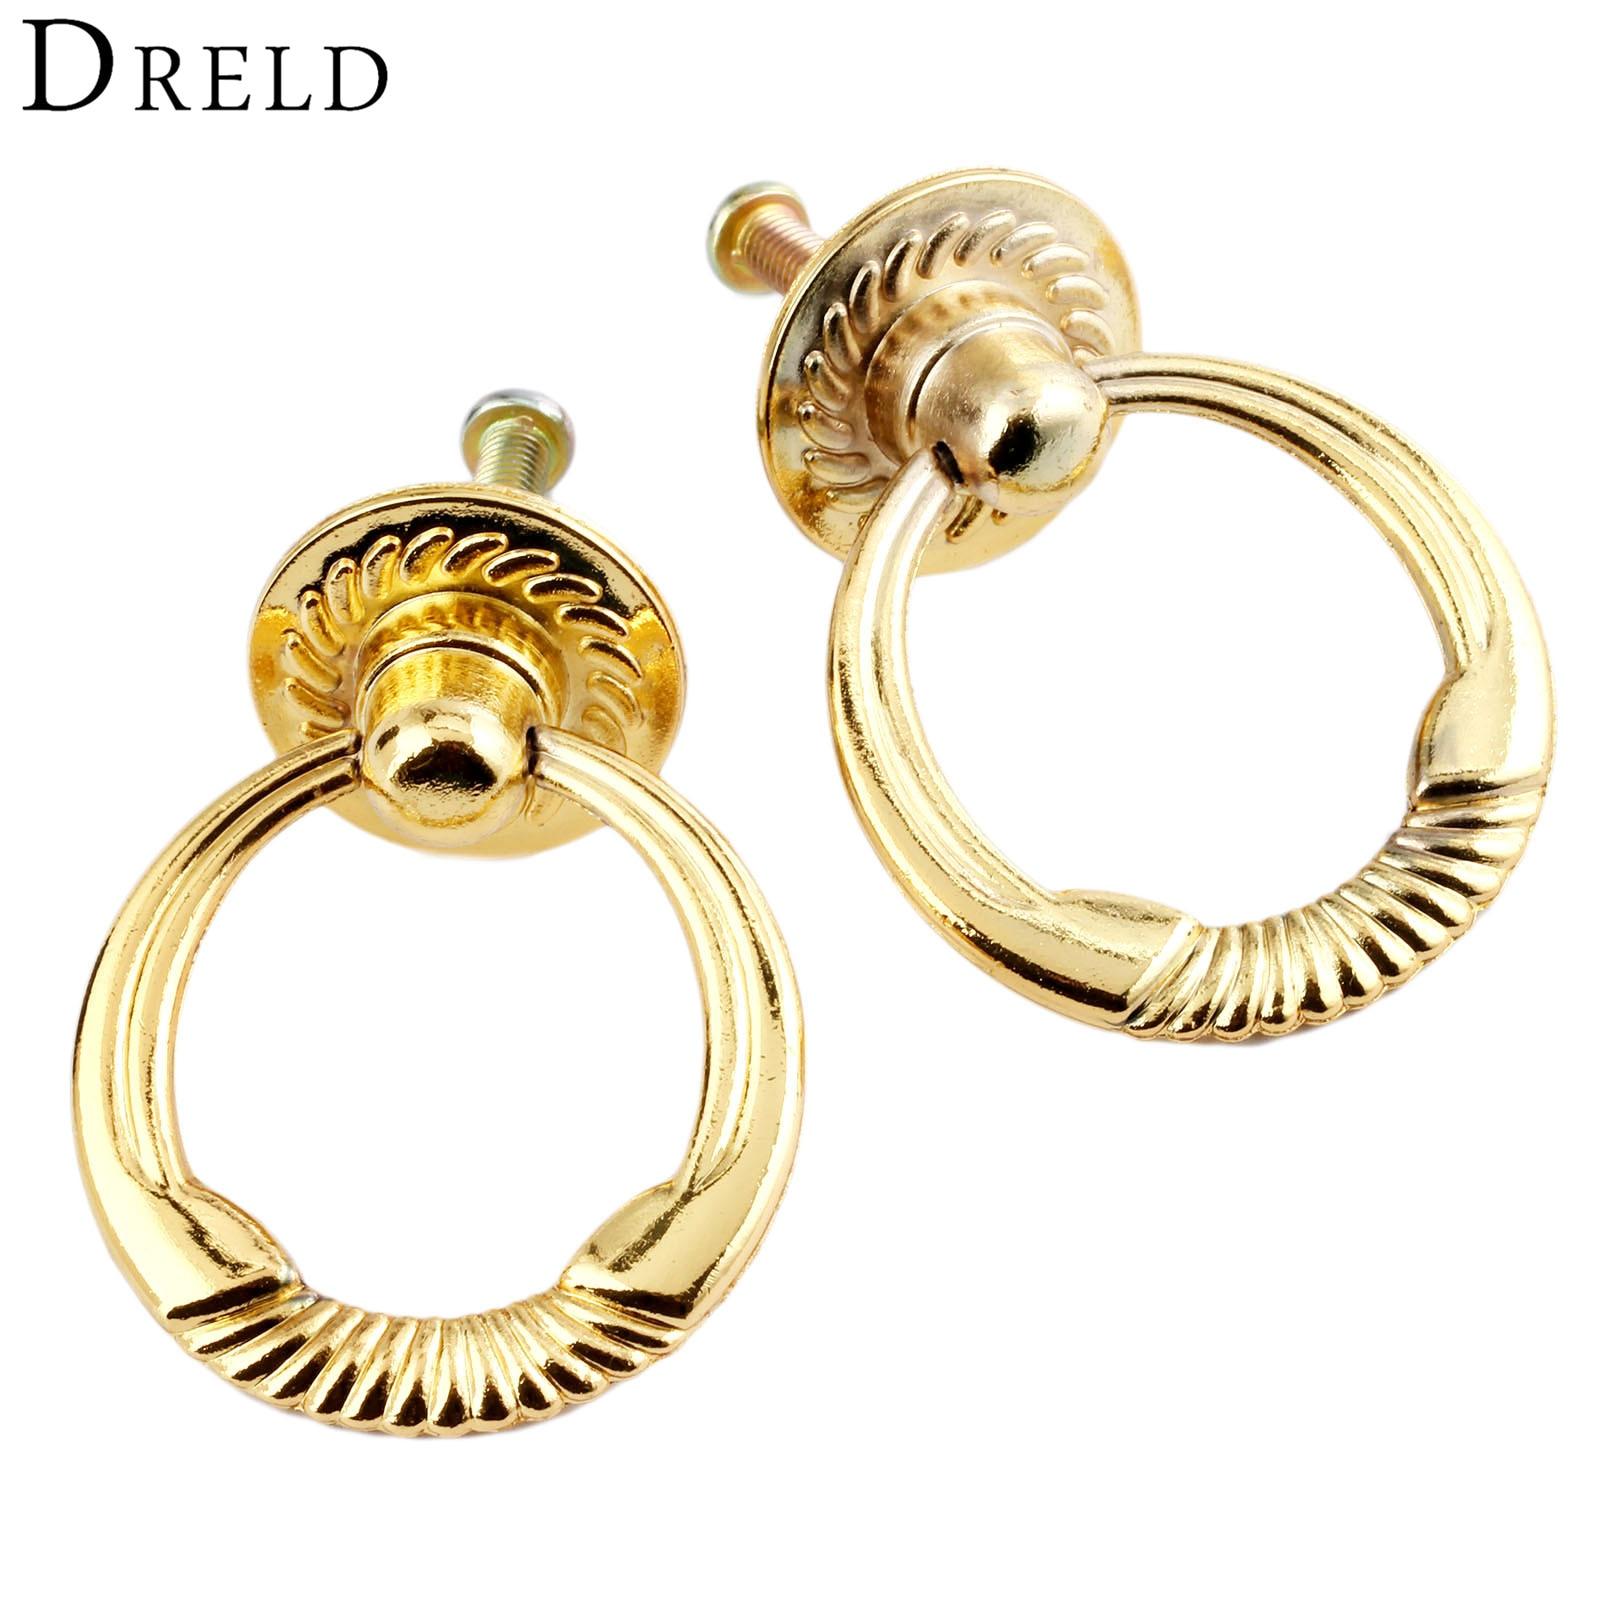 Us 199 25 Offdreld 2 Stks Antieke Gouden Kast Knop En Handvat Vintage Meubels Handvat Deur Kast Lade Knop Ring Pull Handvat Voor Meubels In Kast